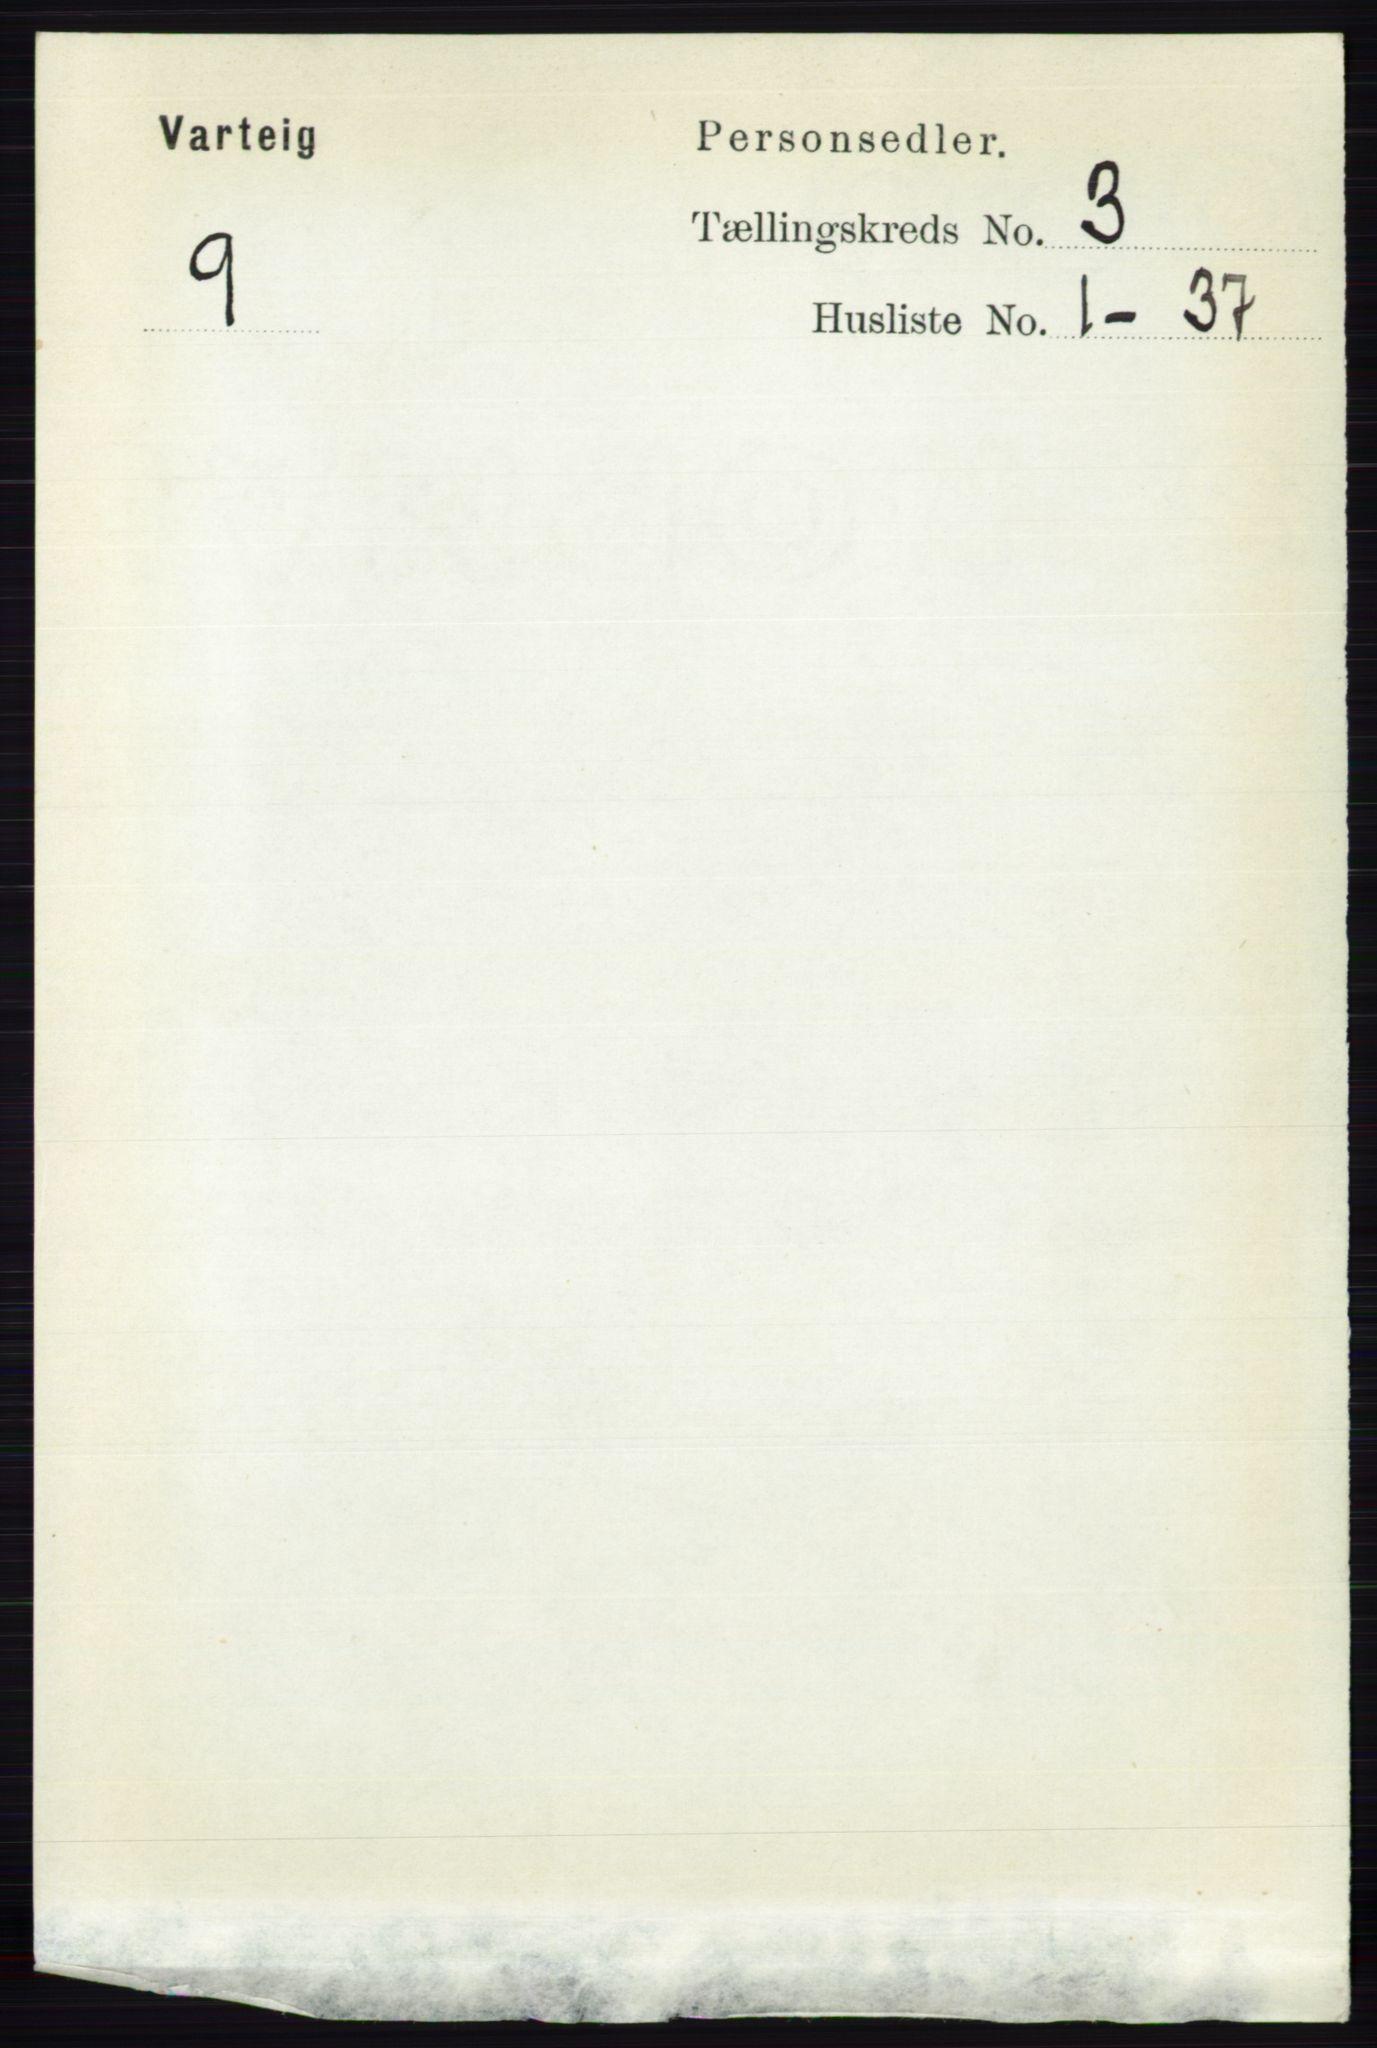 RA, Folketelling 1891 for 0114 Varteig herred, 1891, s. 1153